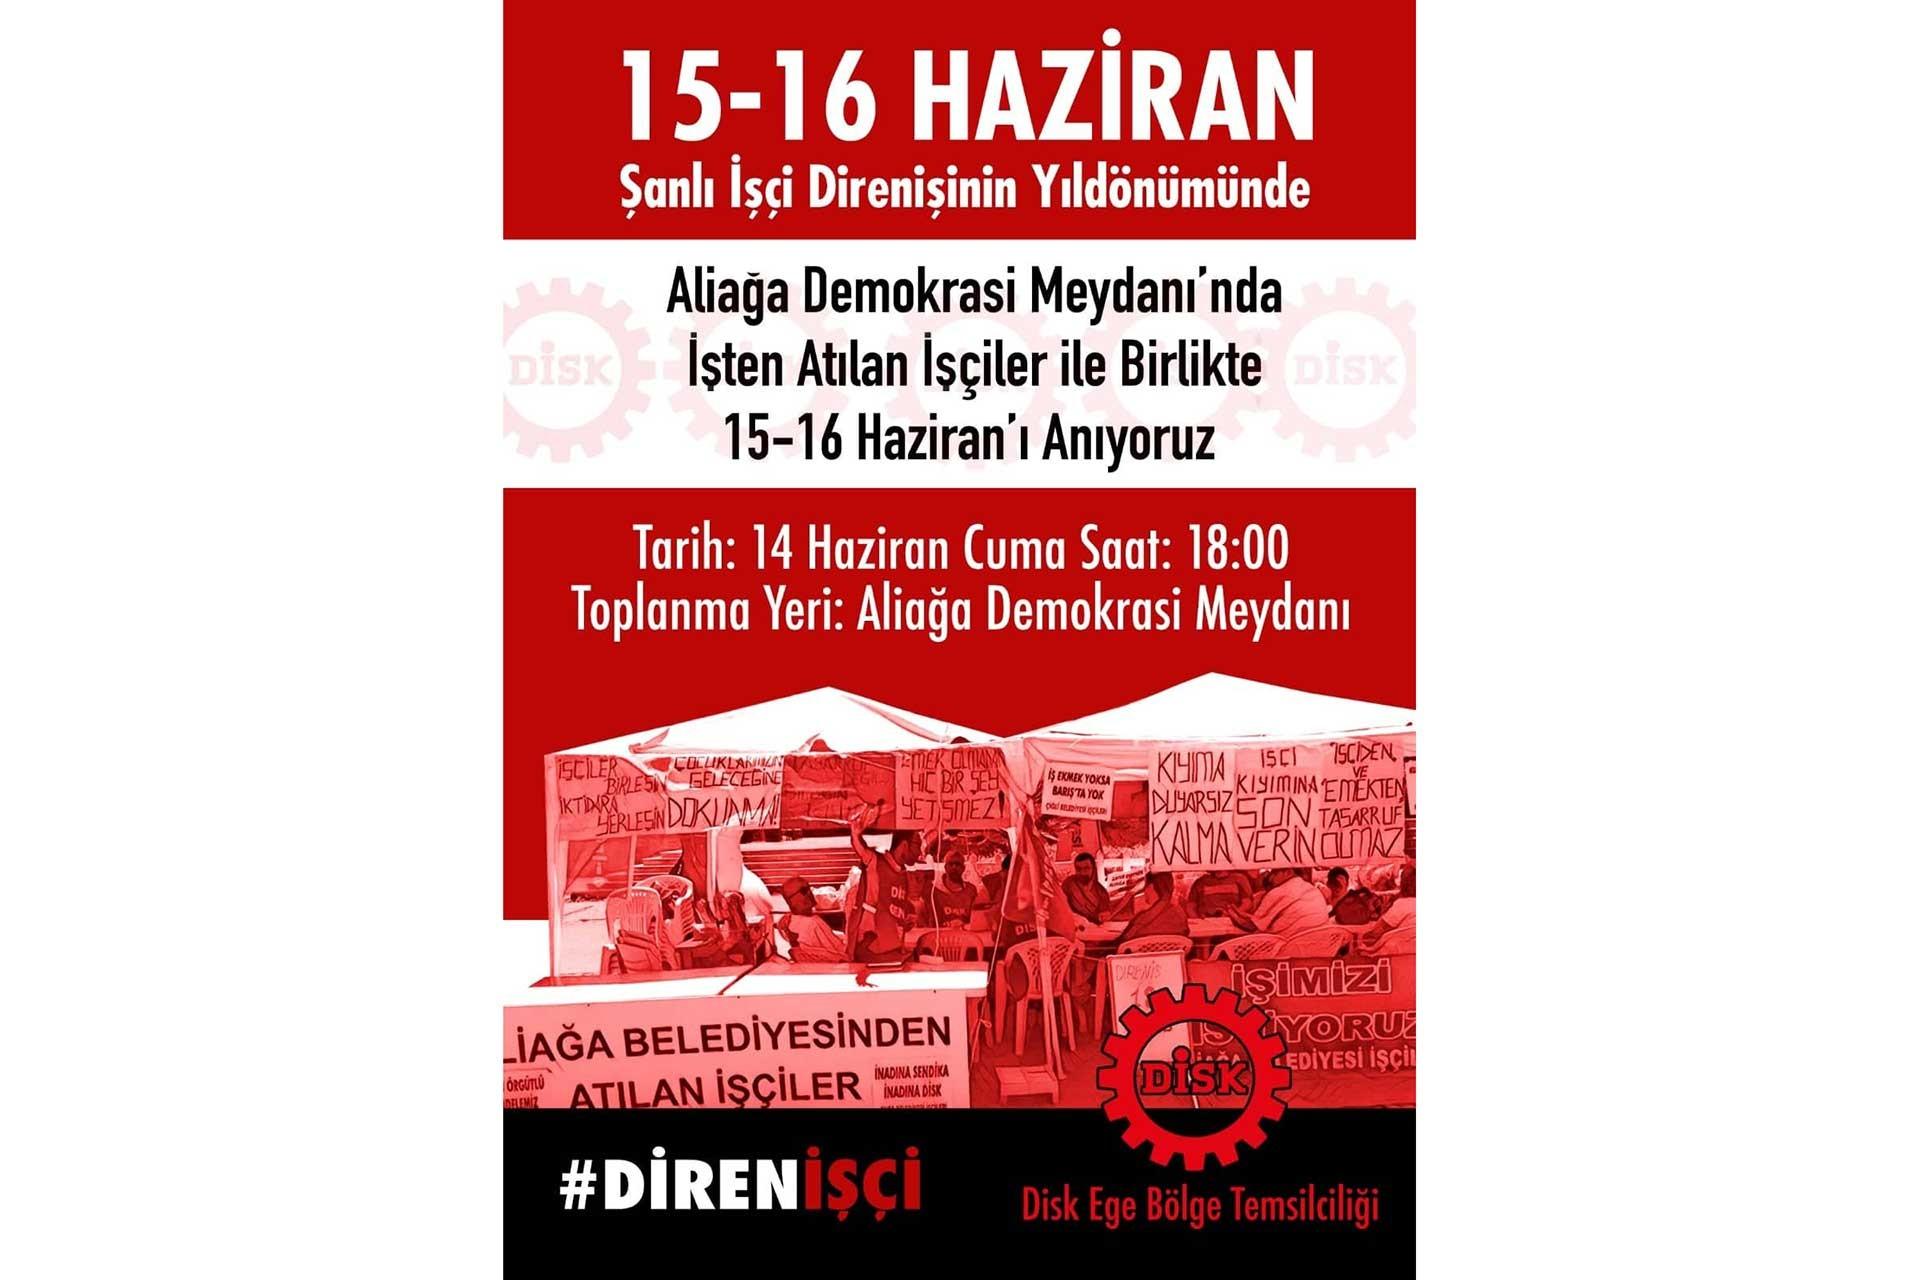 İzmir'de 15-16 Haziran direnişi eylemi Aliağa'da yapılacak